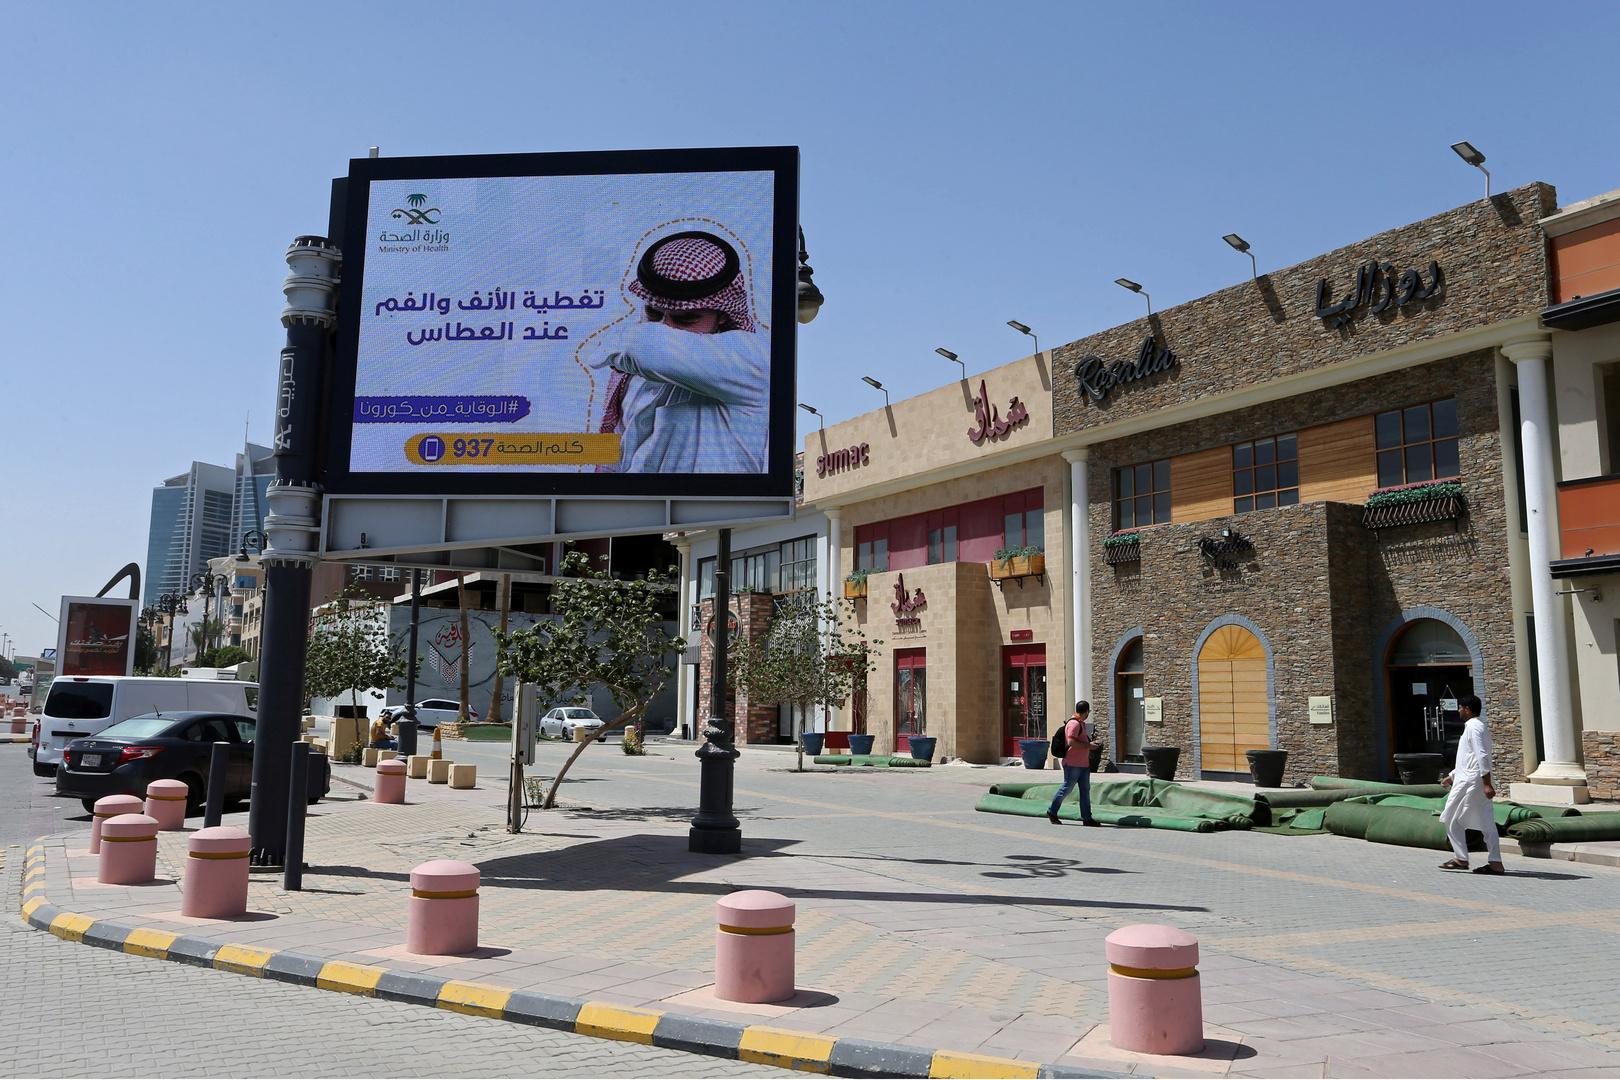 بالأرقام.. الدول العربية الأكثر تضررا بكورونا